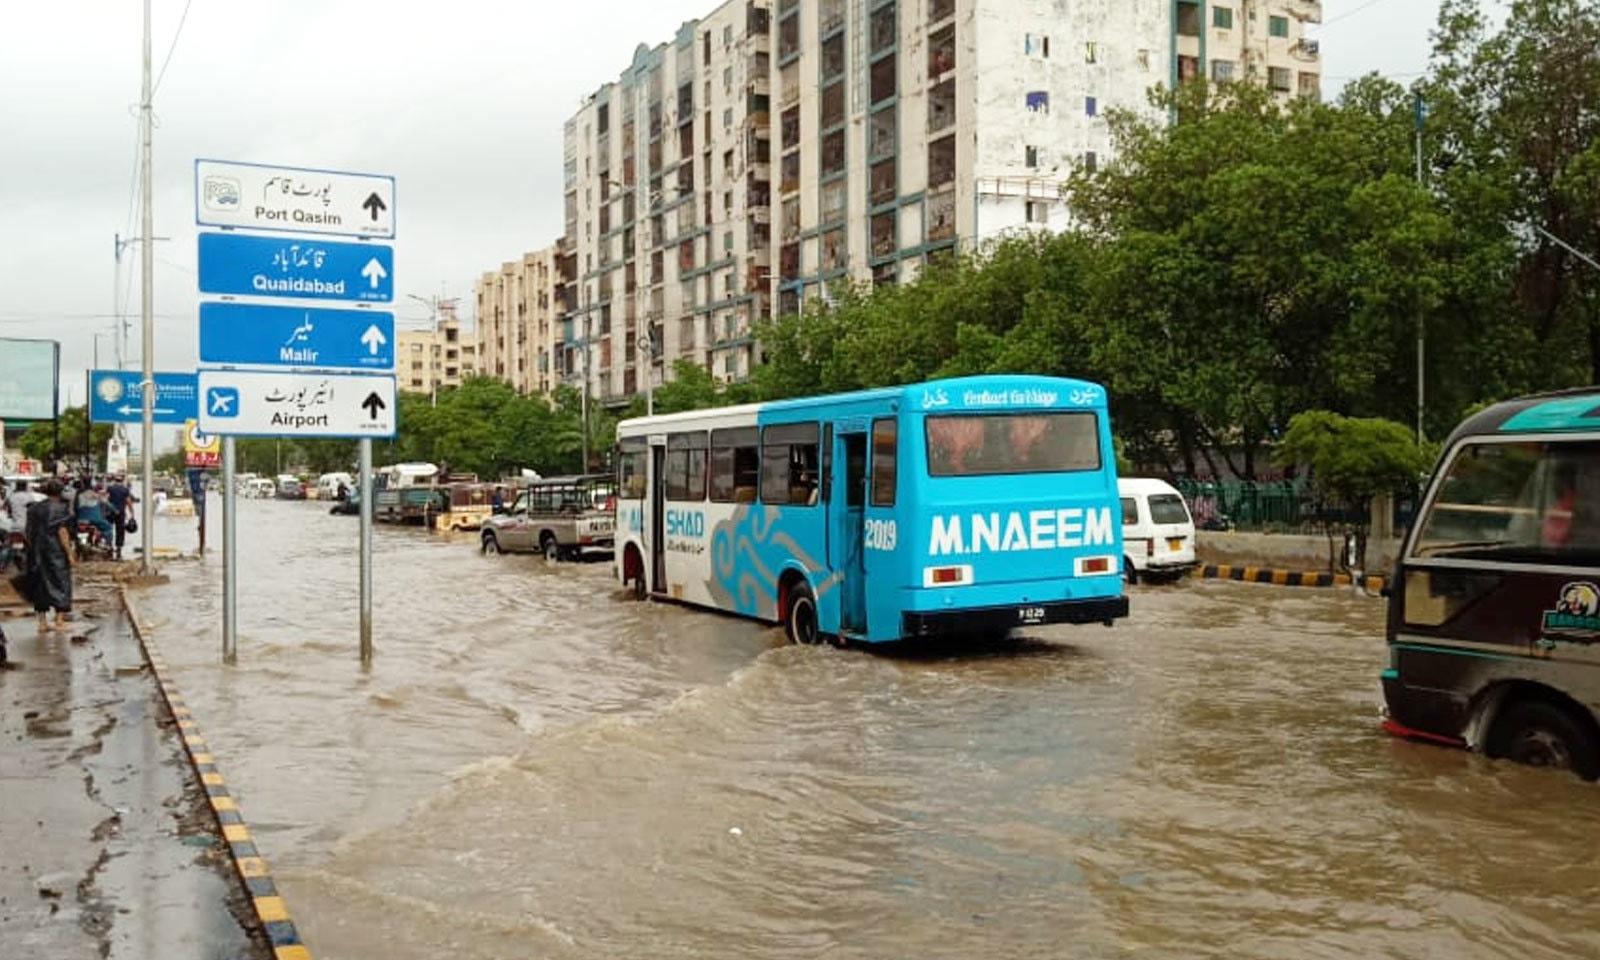 ناتھا خان کے مقام پر ایئرپورٹ روڈ پر پانی جمع ہونے سے مسافر پریشان رہے—فوٹو: ثمر عباس/ ٹوئٹر